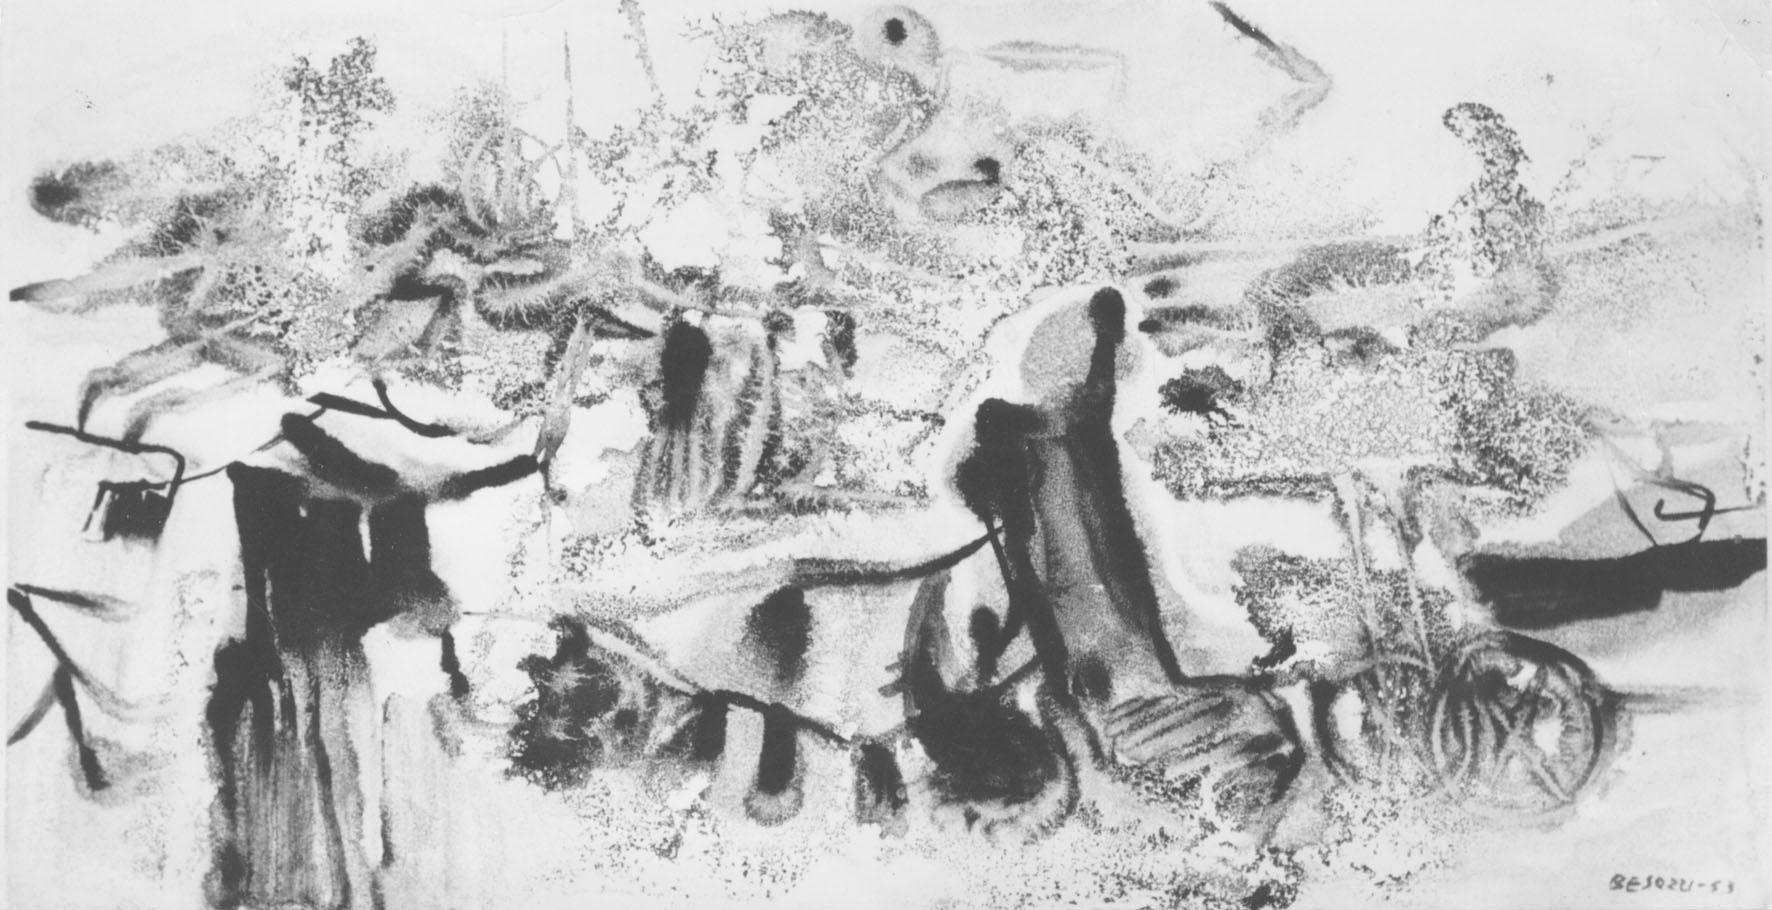 E. Besozzi pitt. 1963 Ricordi di viaggio china su carta arc. 814